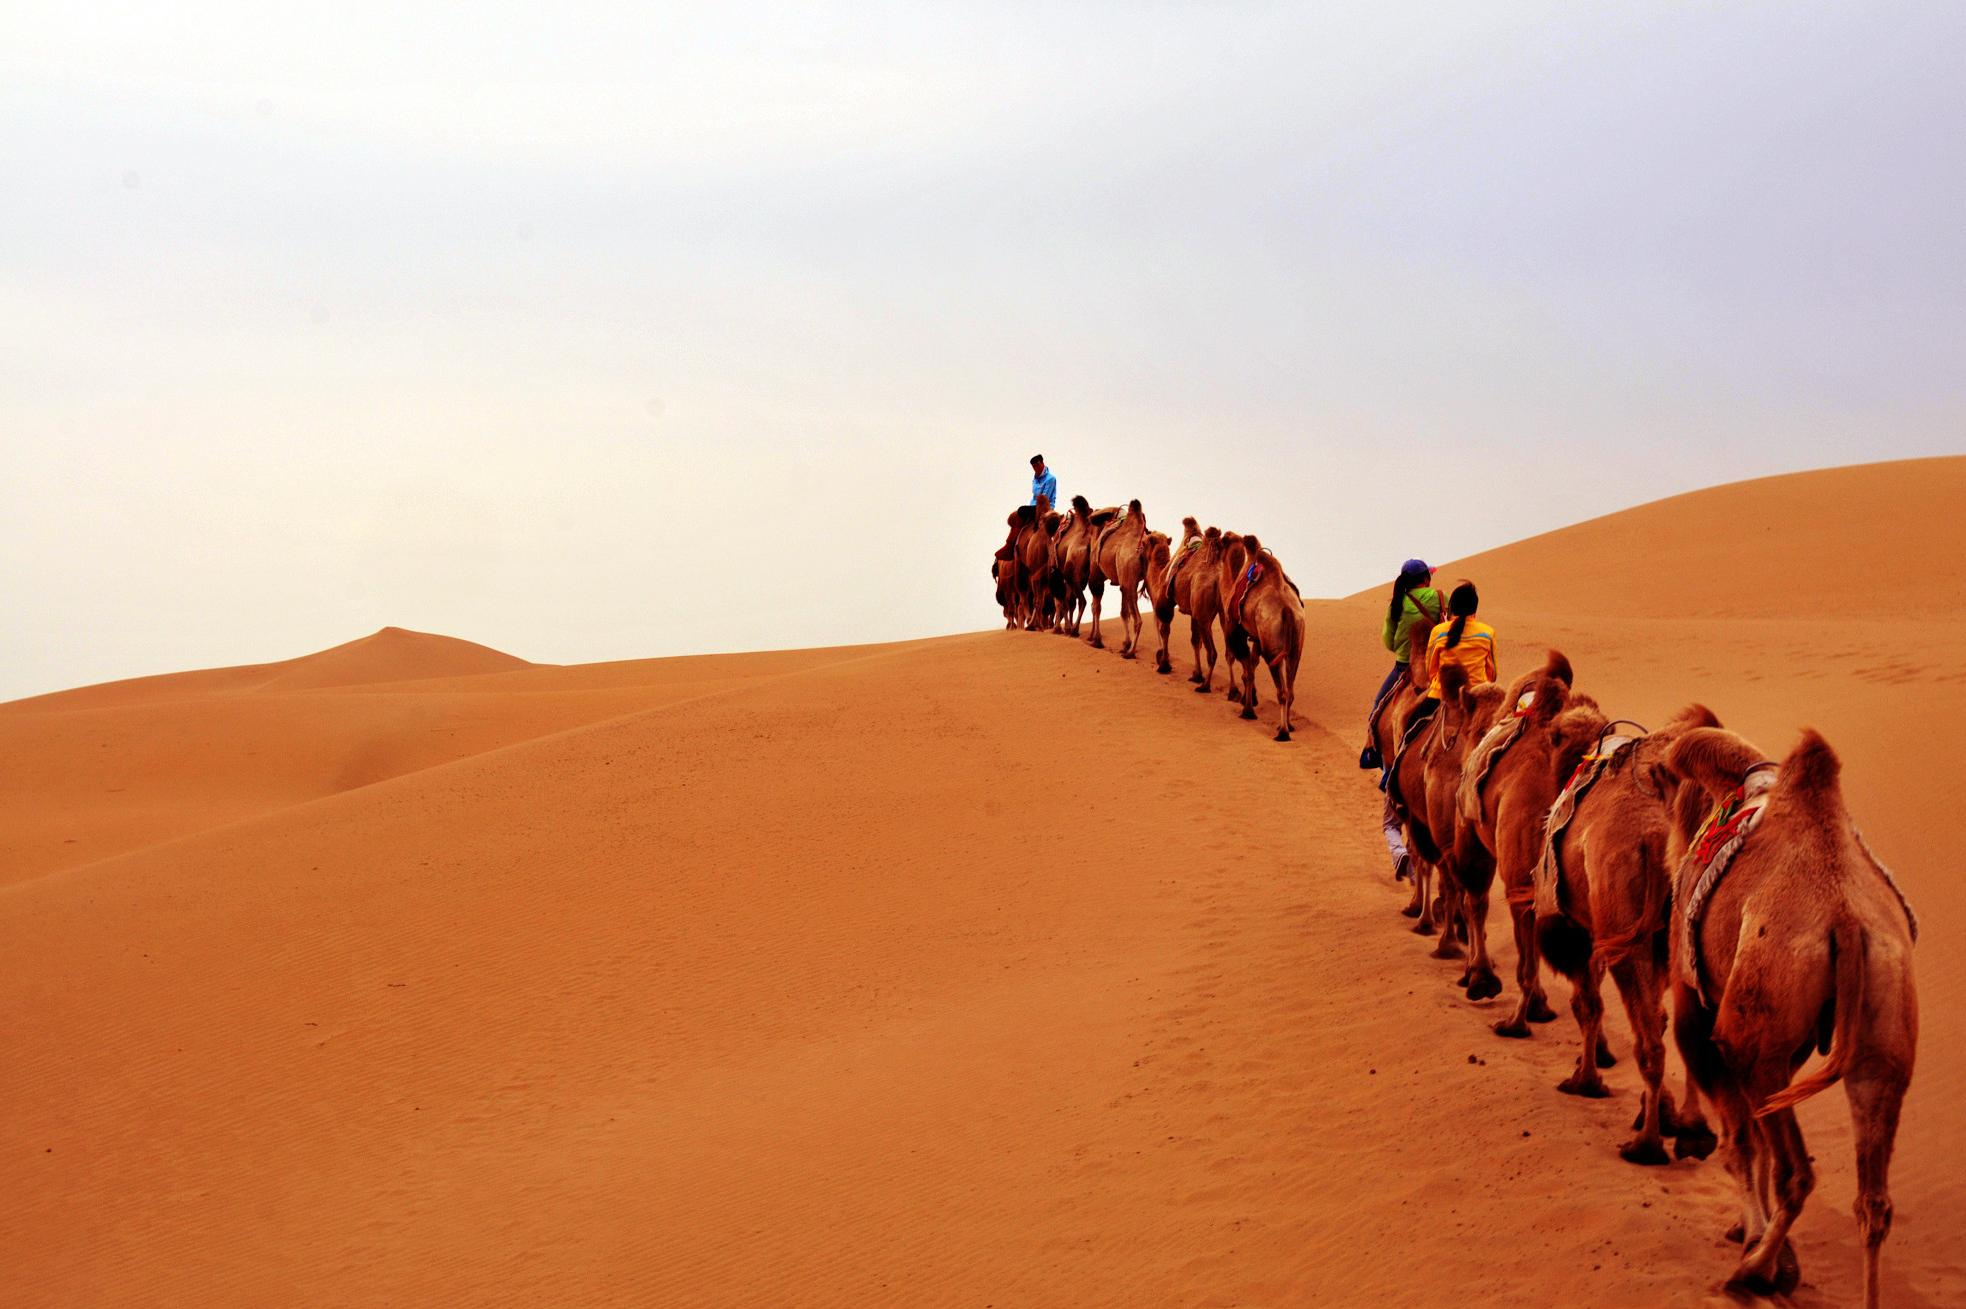 哈素海、希拉穆仁草原、响沙湾、康巴什5日飞机跟团游沙漠+草原+民俗+美食,赠送价值298元万家惠水上世界的门票